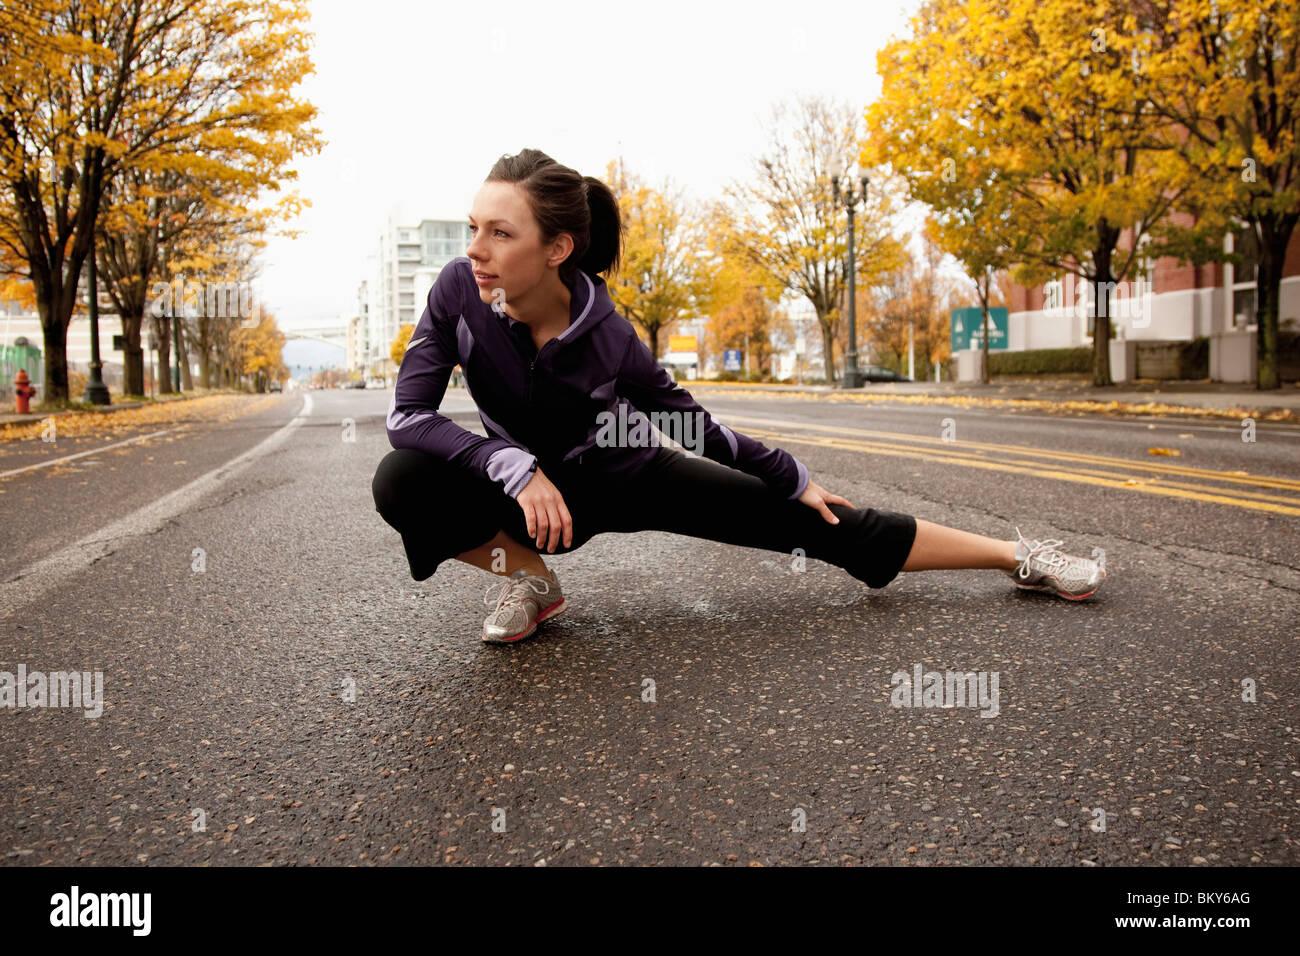 Una prueba de atletismo femenino en una chaqueta de color púrpura que se extiende a lo largo de una calle desierta Imagen De Stock